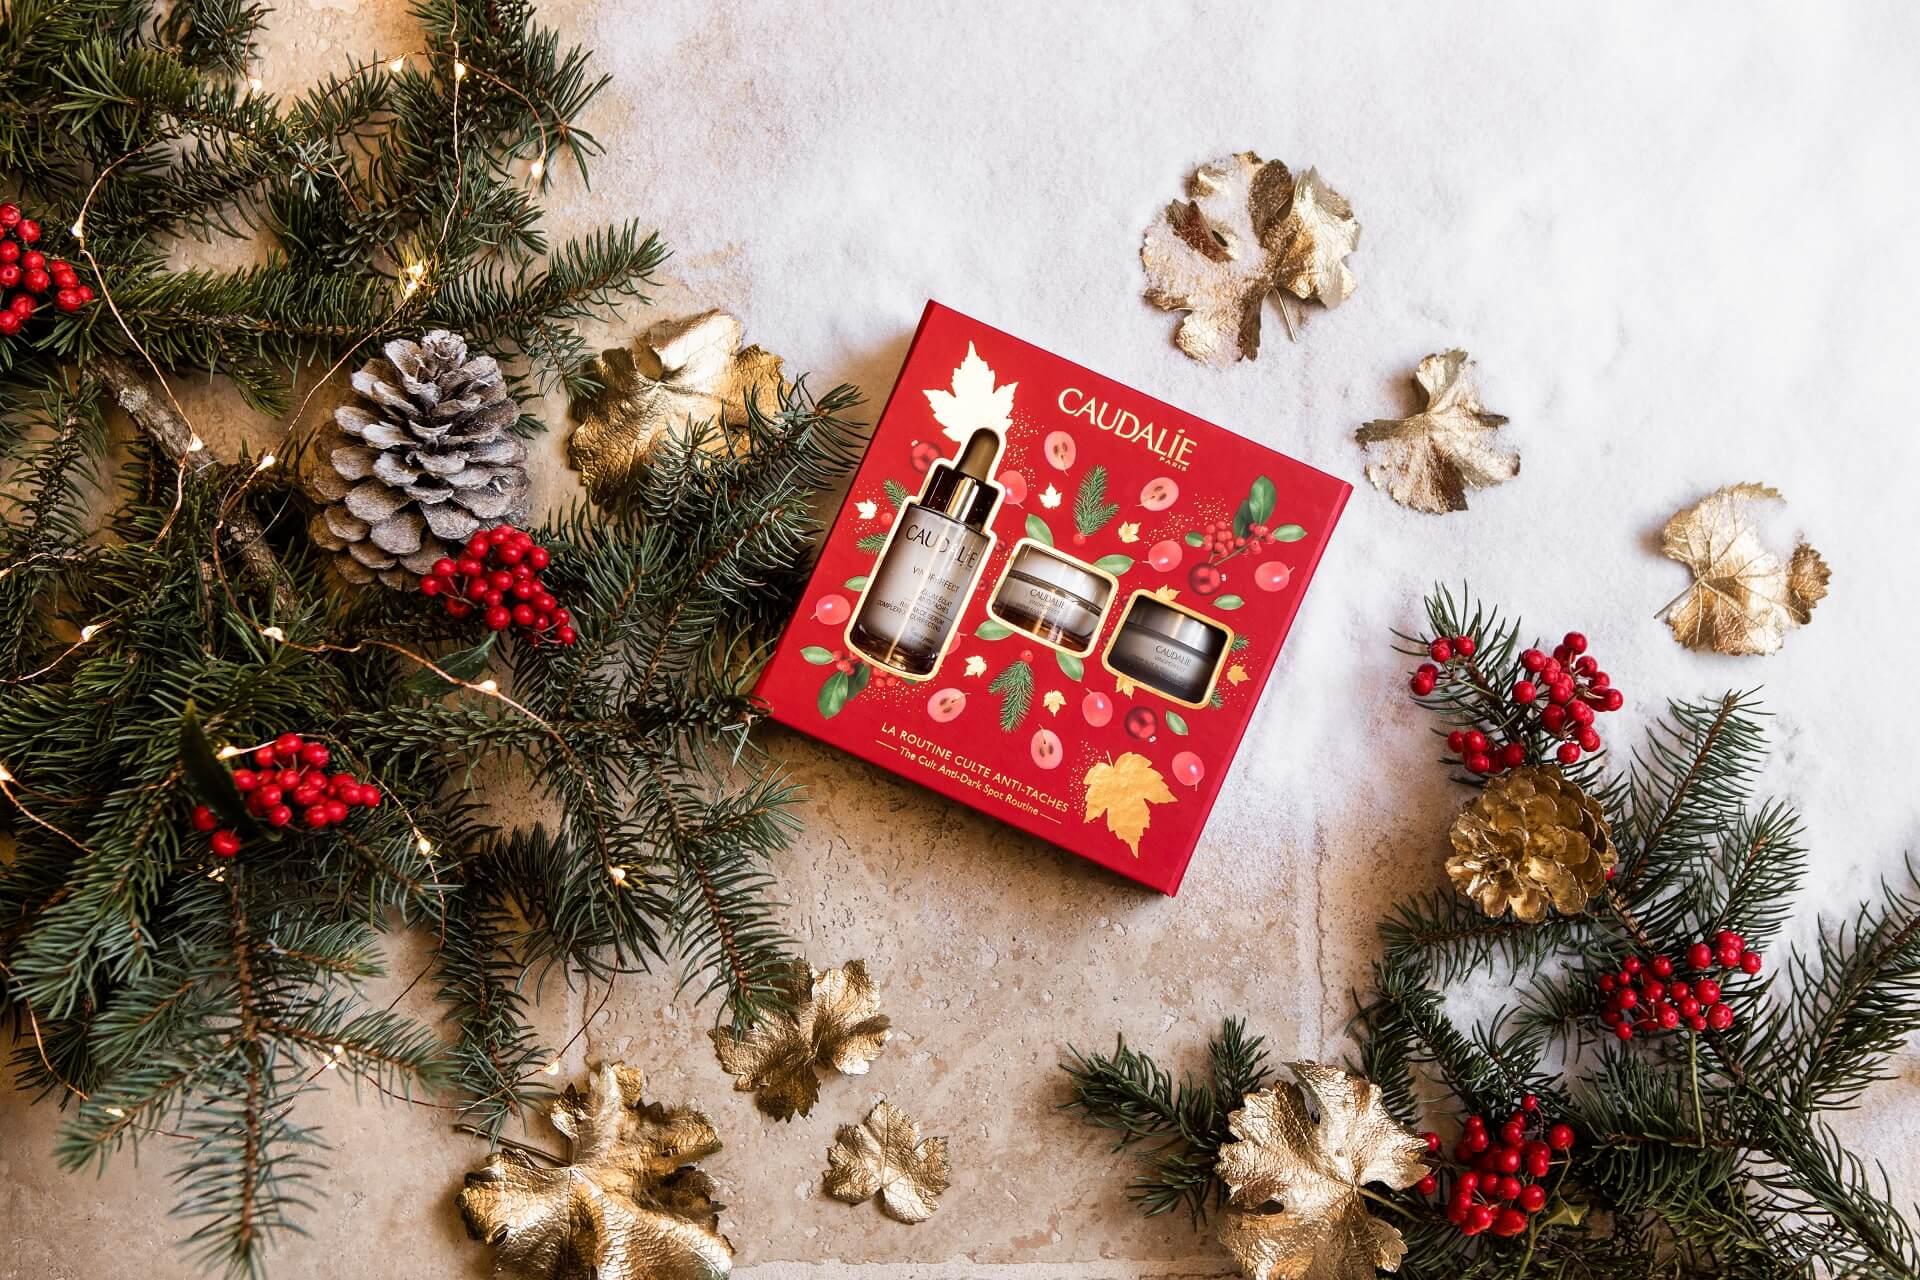 Осознанное Рождество: Тематическая коллекция праздничного настроения от брендаCaudalie-Фото 3